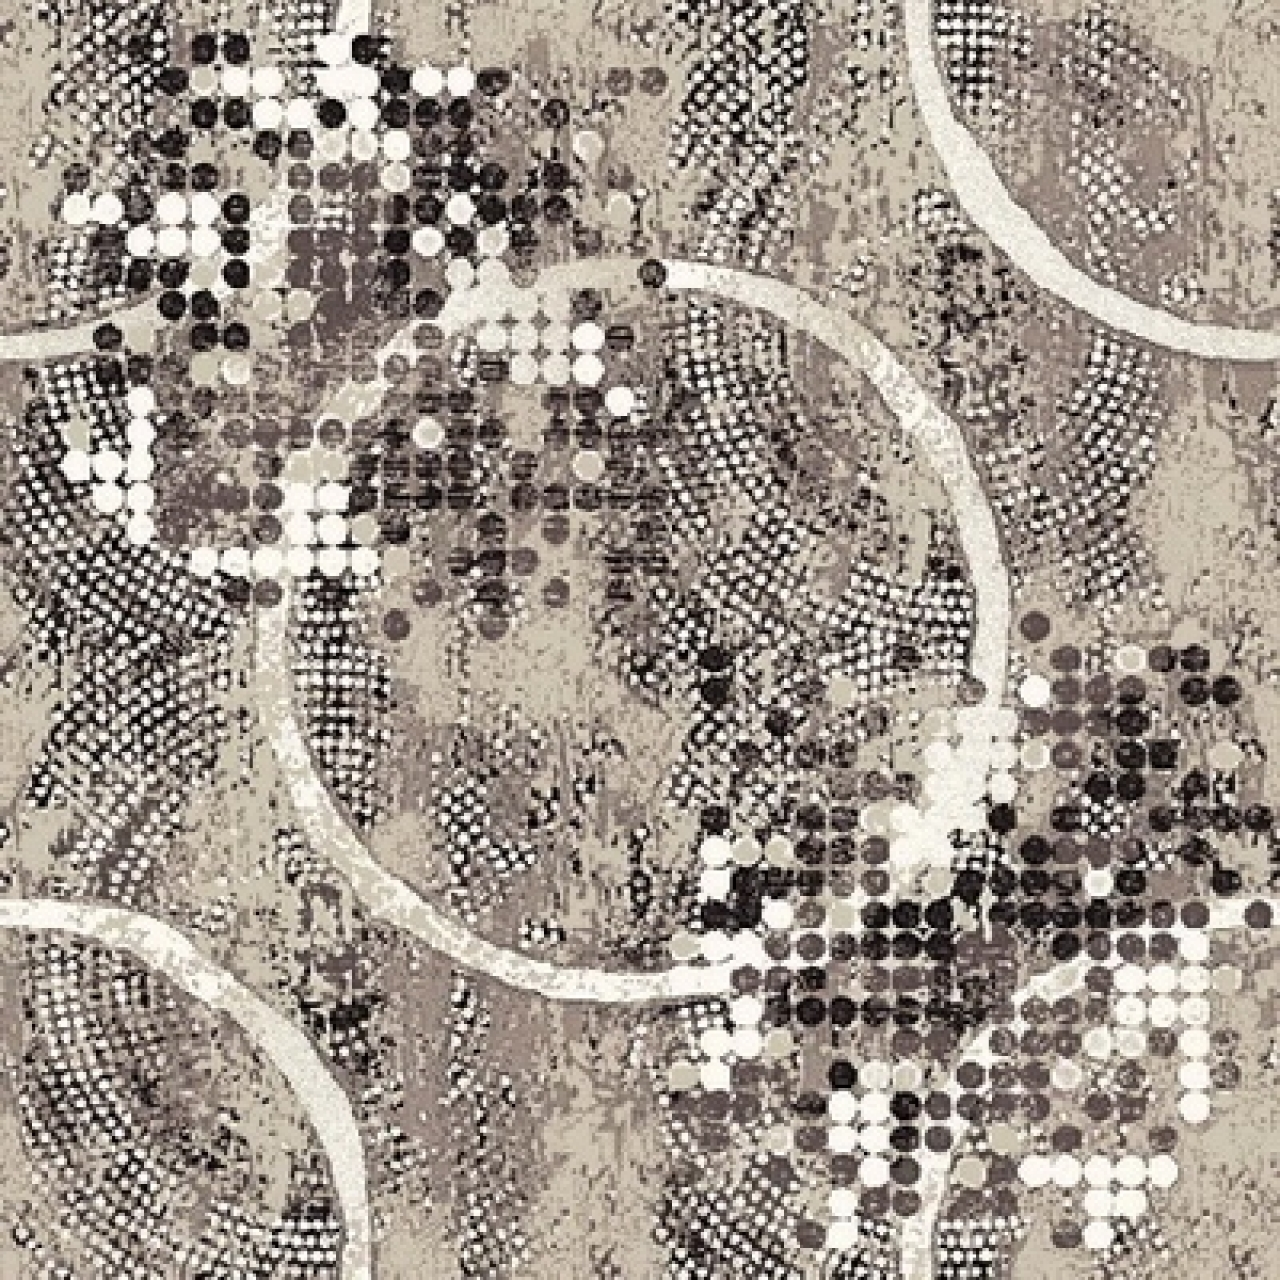 Ковер p1830c2p - 100 - Прямоугольник - коллекция принт обр 8-ми цветное полотно